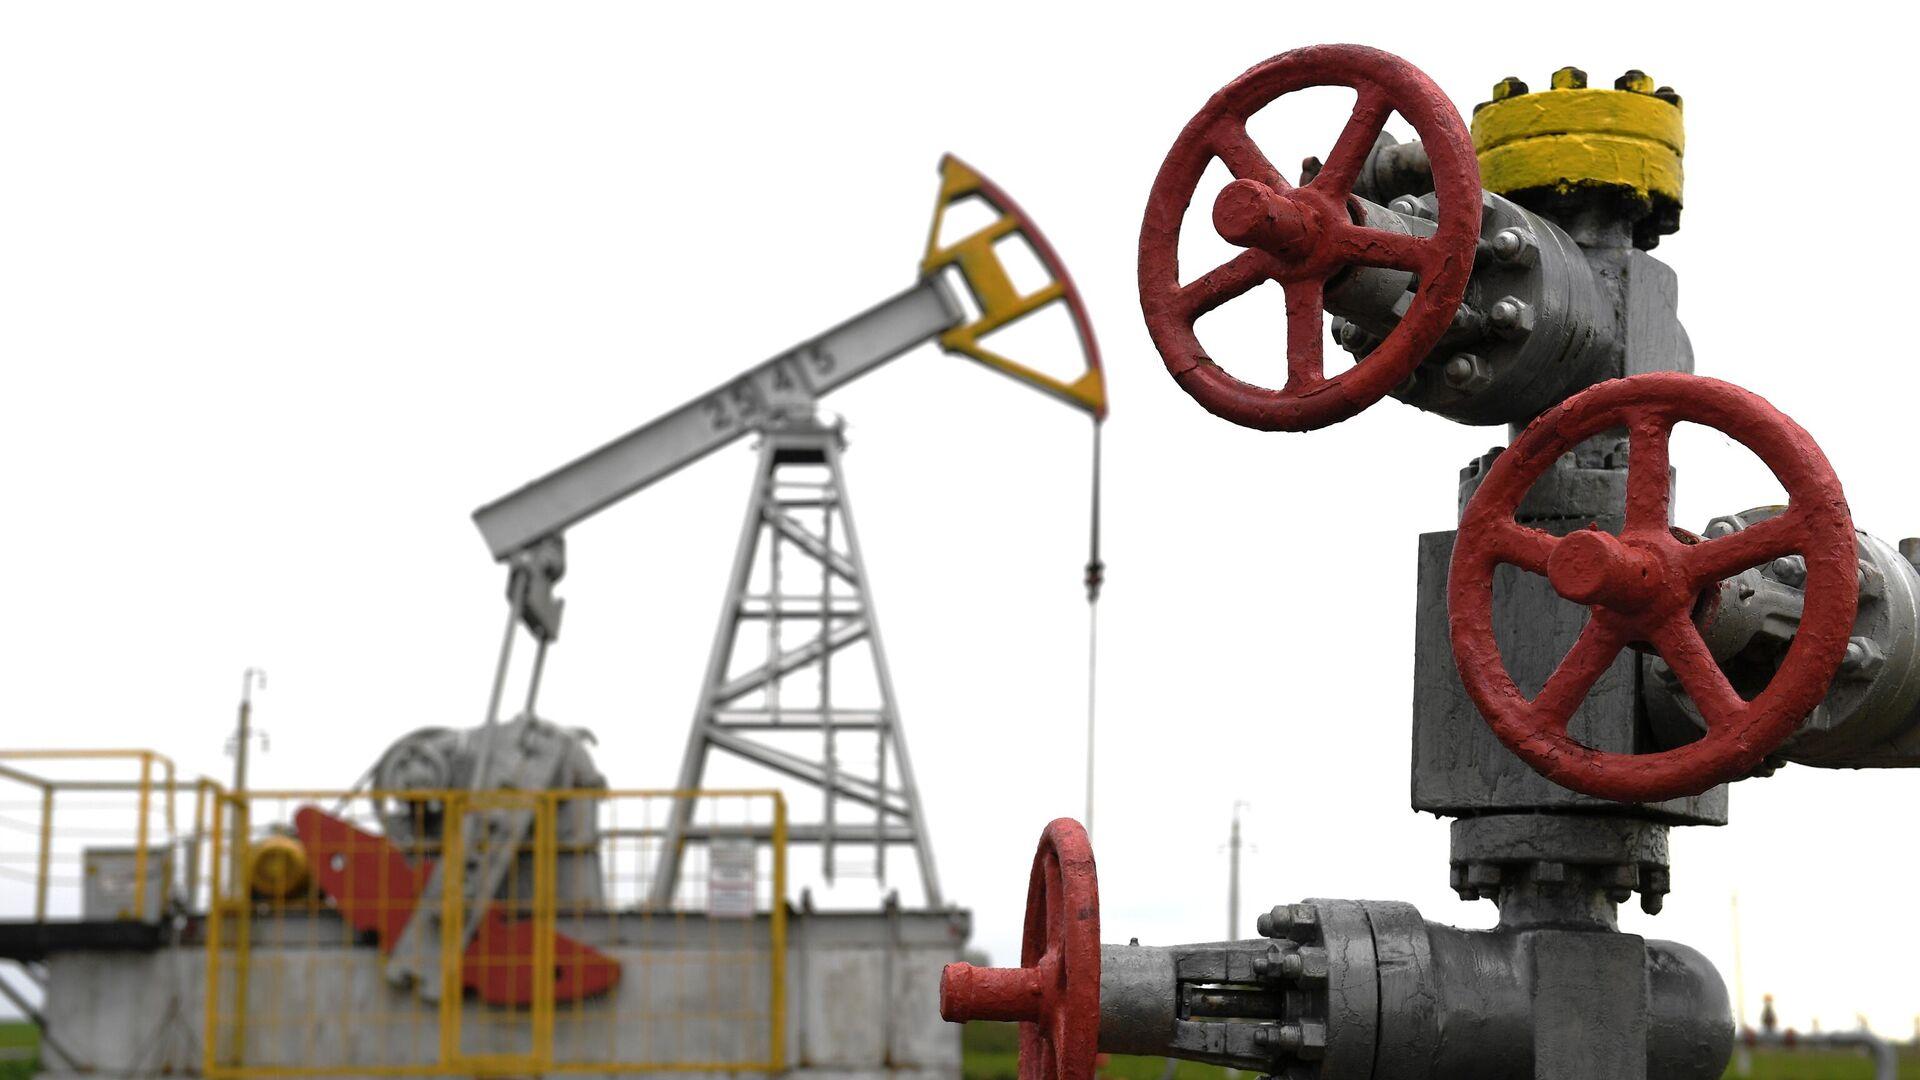 Минфин России: мировой спрос на нефть может сильно упасть из-за декарбонизации Запада